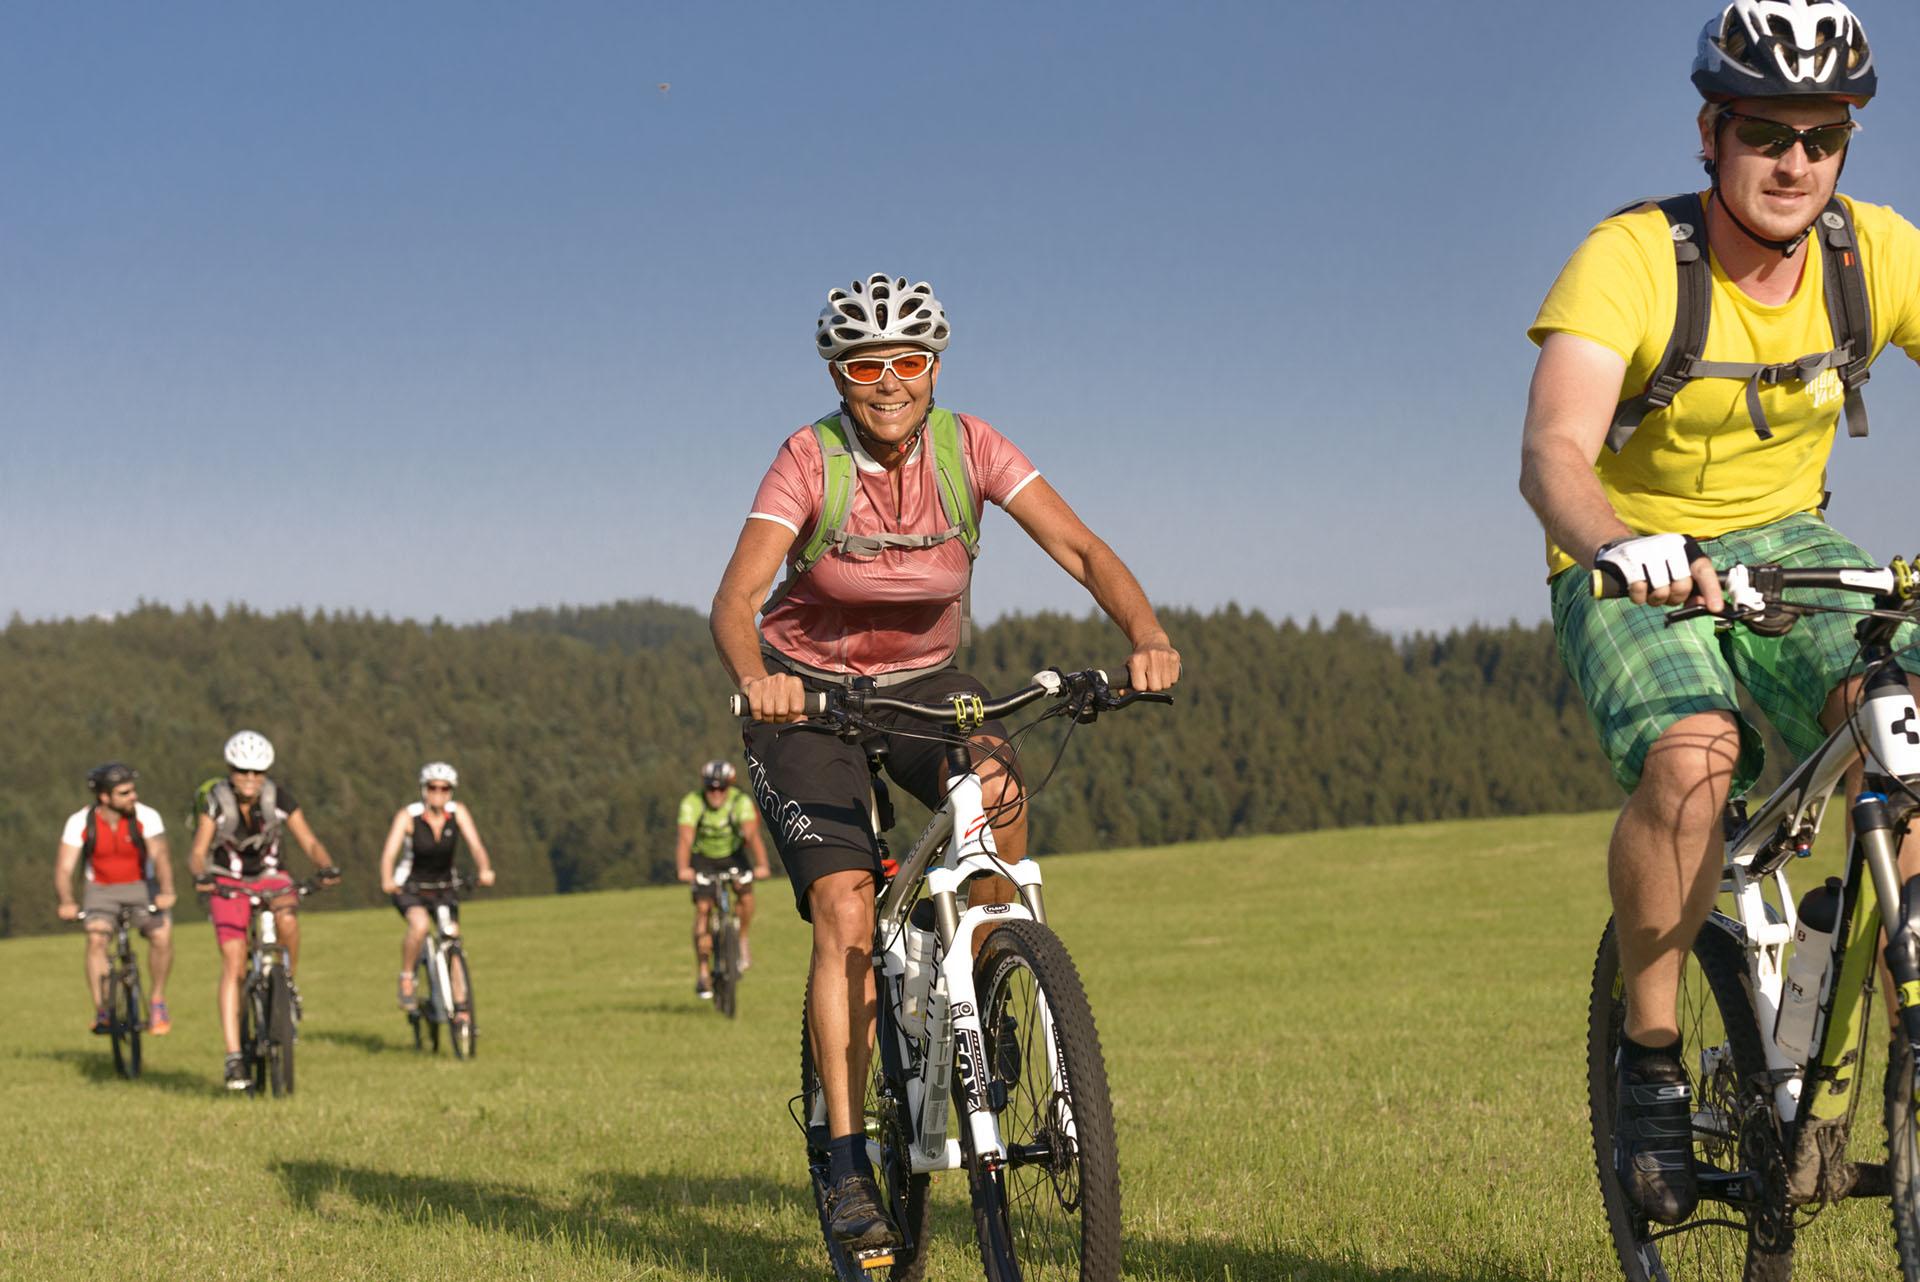 Radausflug einer Gruppe in der Ferienregion Oberschwaben-Allgäu